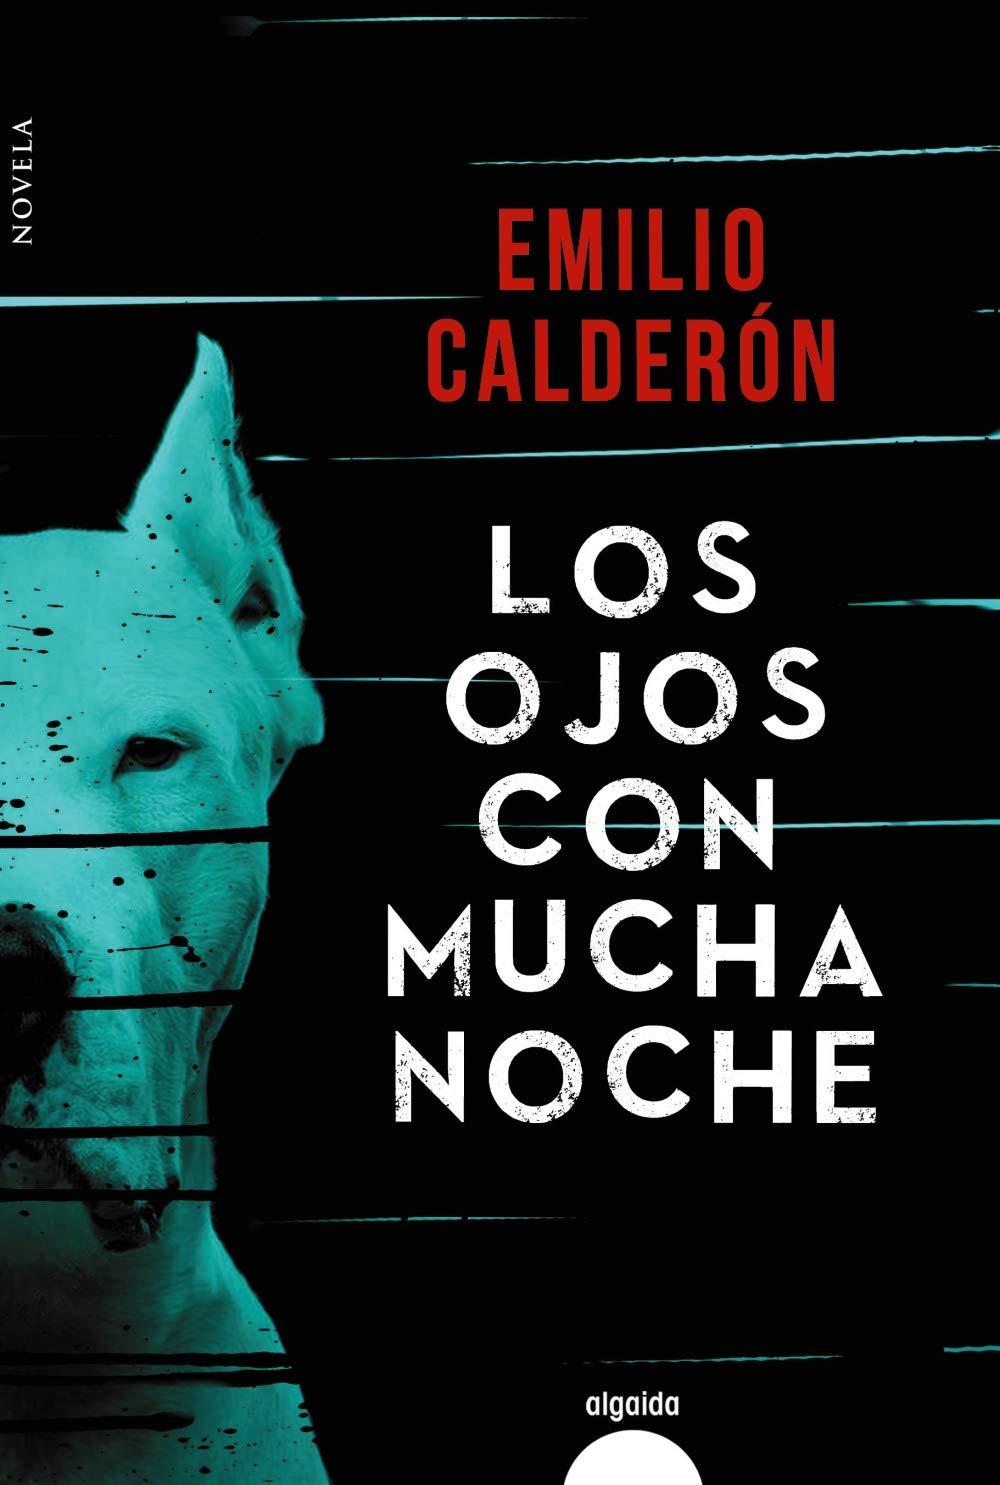 Los ojos con mucha noche Algaida Literaria - Algaida Narrativa: Amazon.es: Calderón, Emilio: Libros